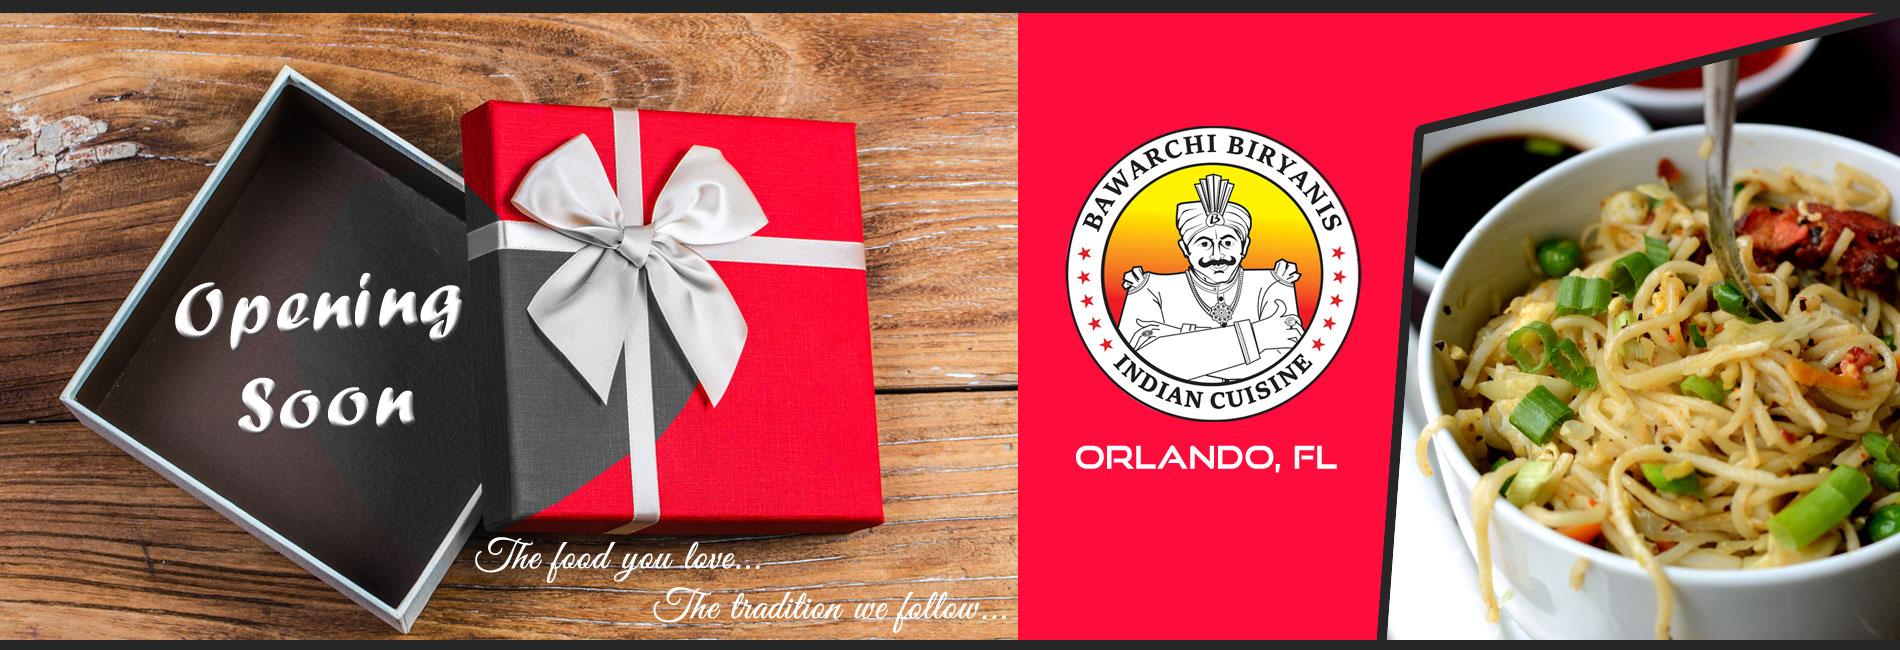 Bawarchi Orlando, FL - Opening Soon